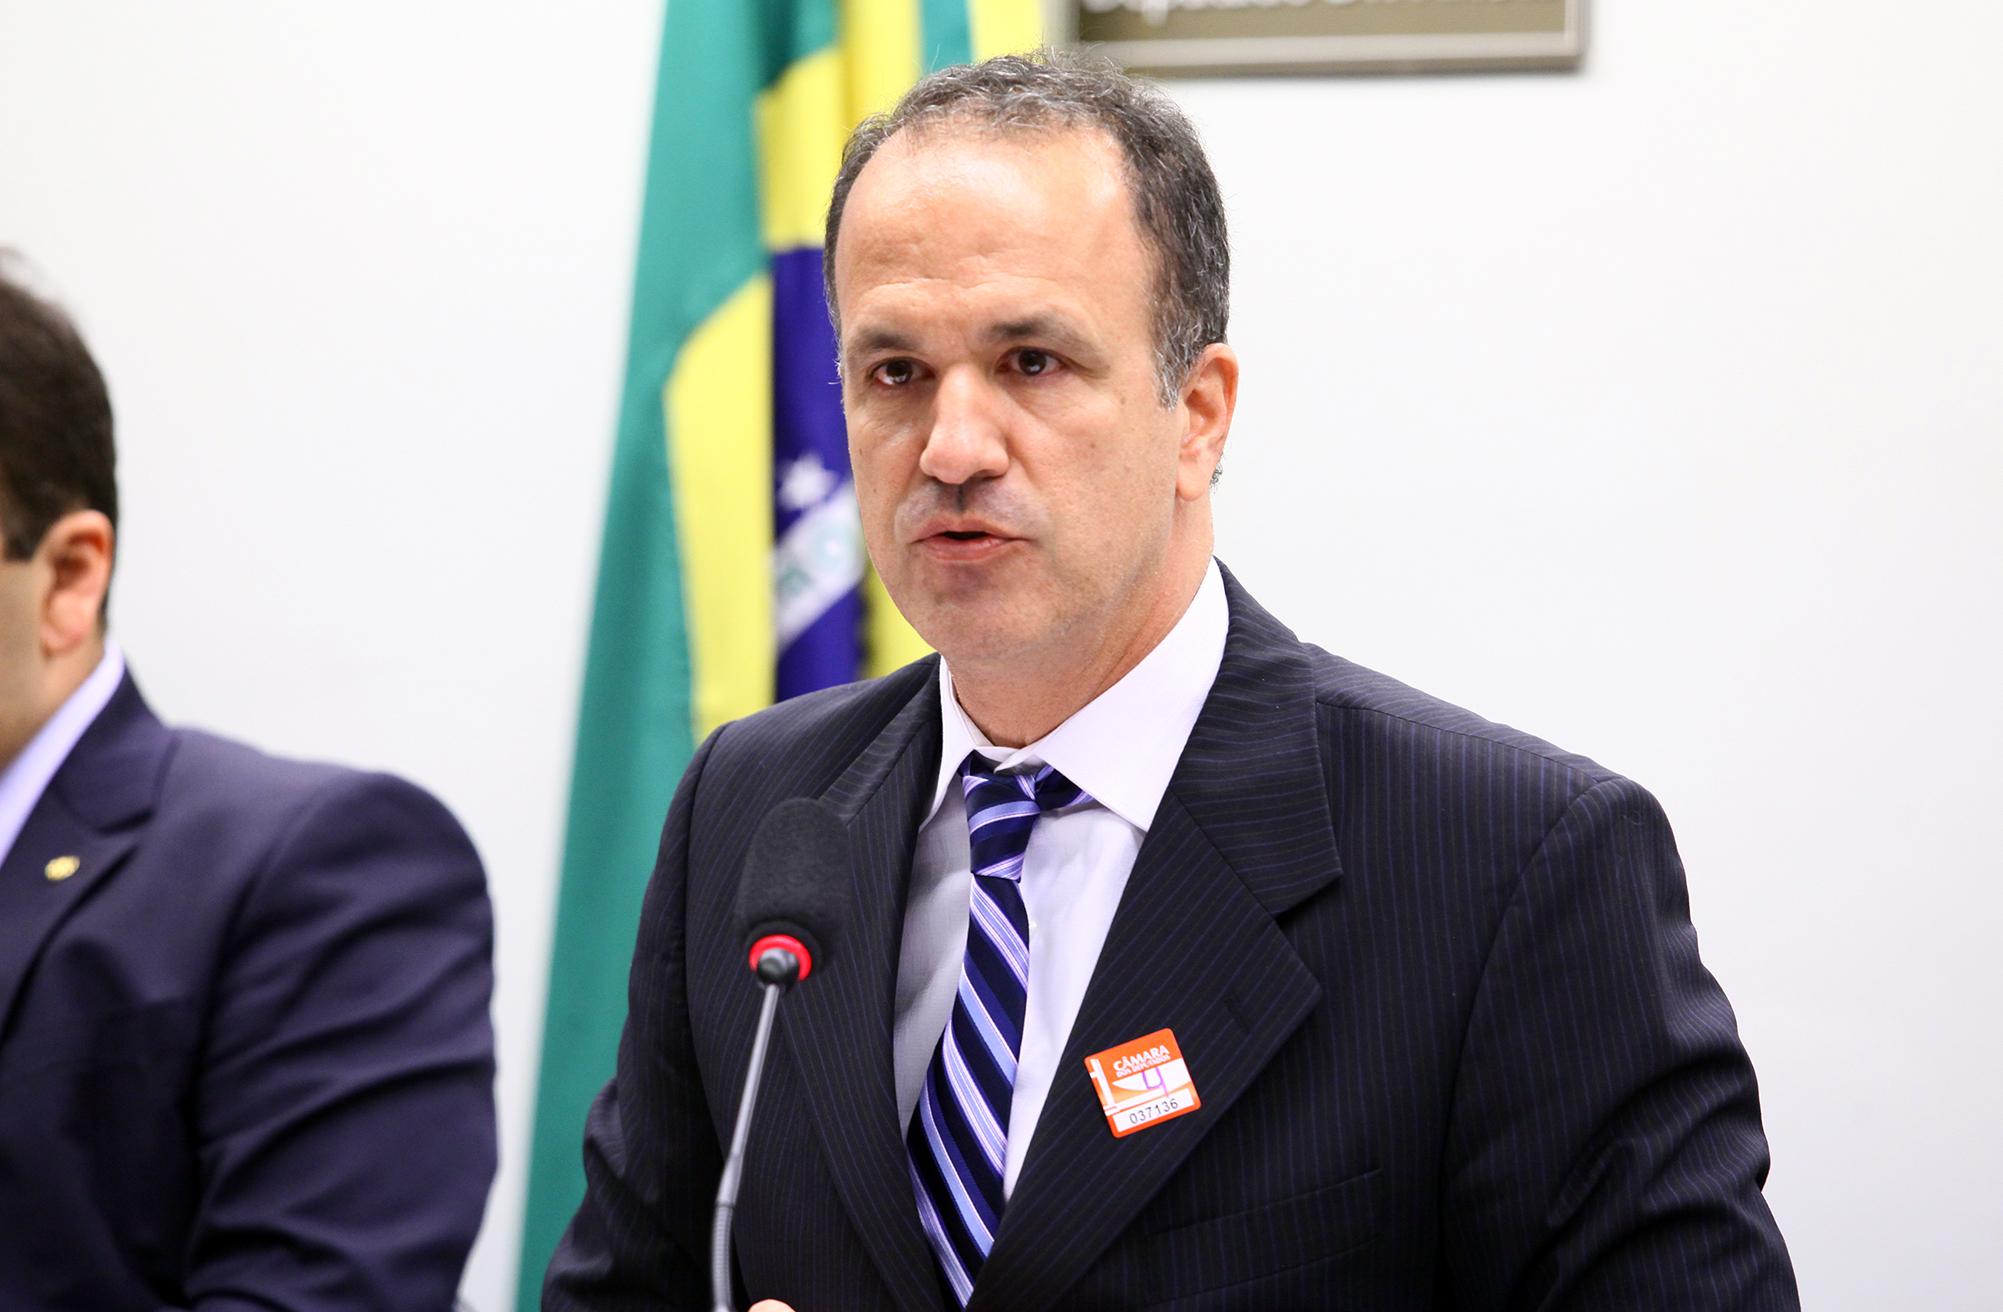 Secretaria de Educação do DF chama defensor da Escola sem Partido para palestra